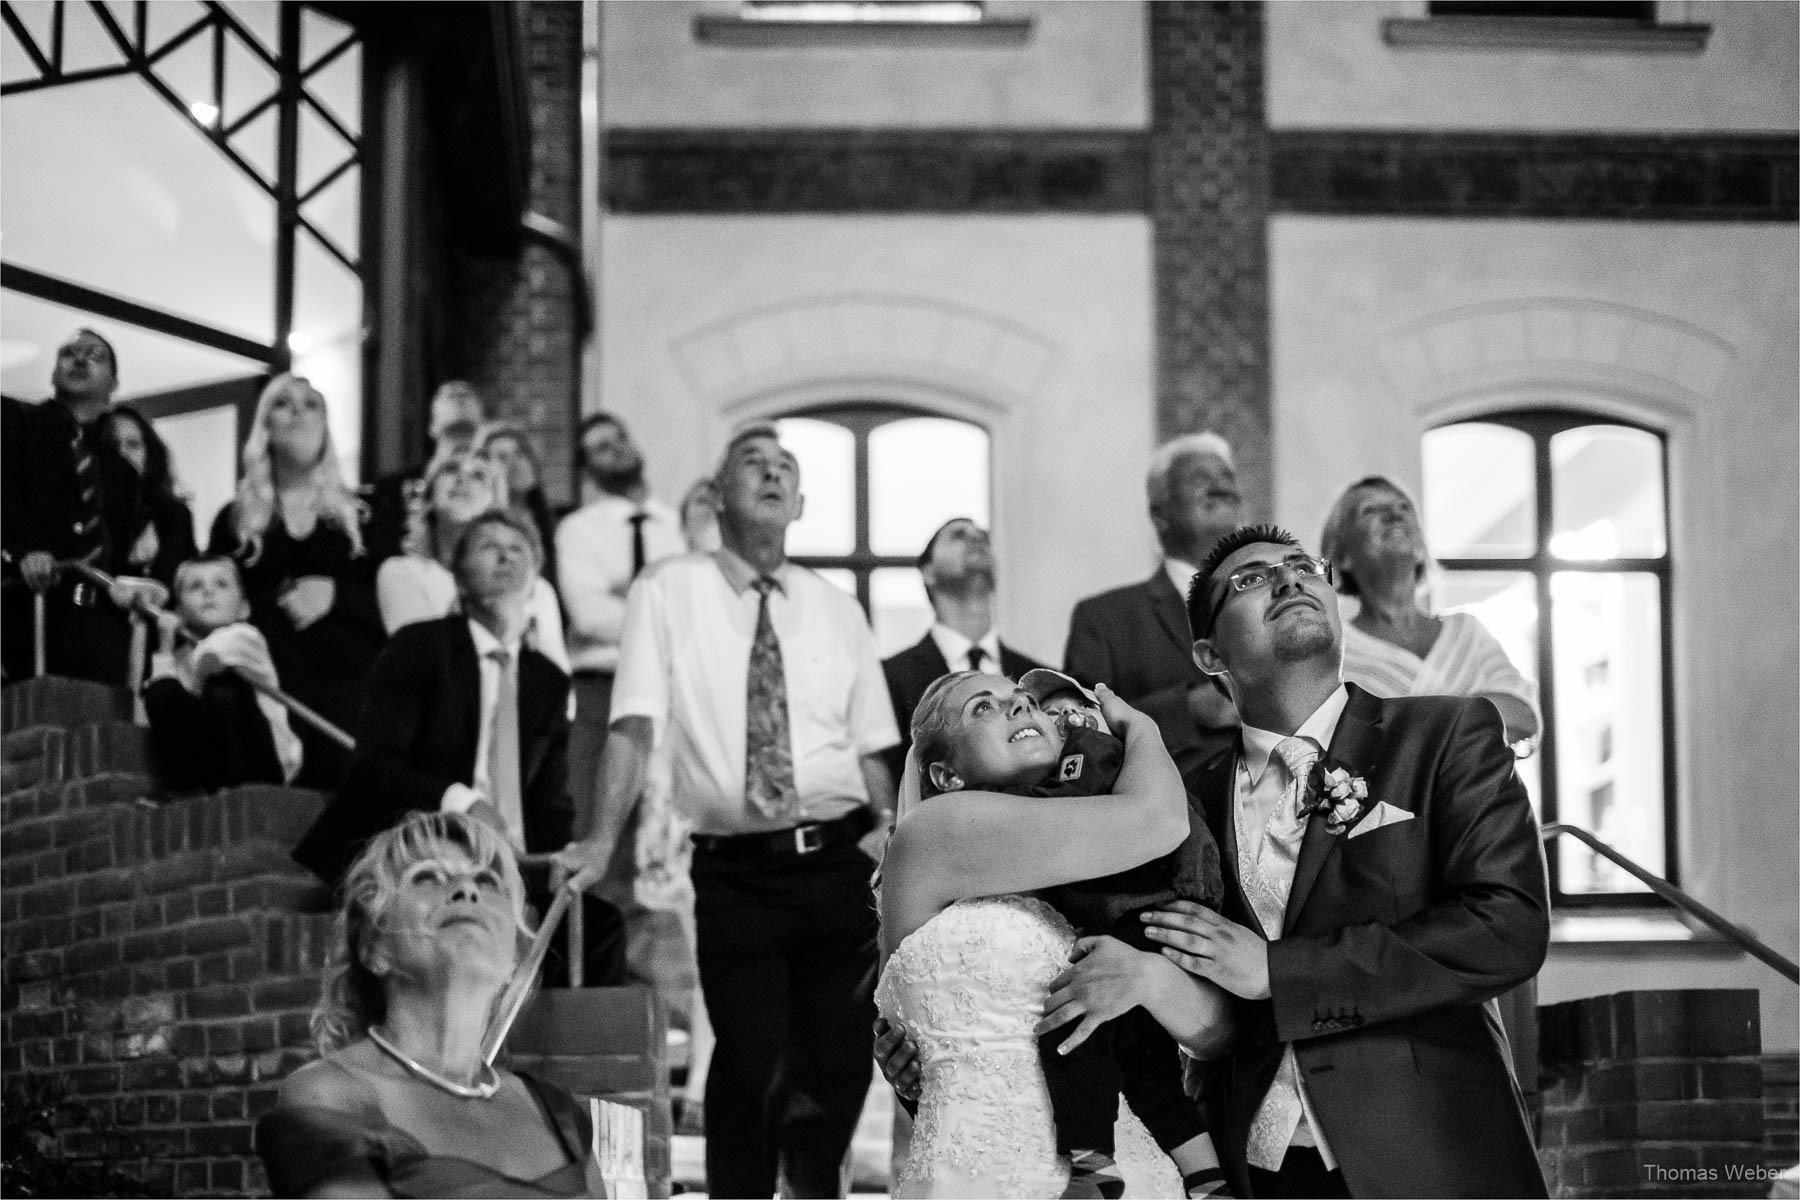 Hochzeitsfotograf bei einer Hochzeit auf Schloss Gamehl an der Ostsee: Feuerwerk zur Hochzeit